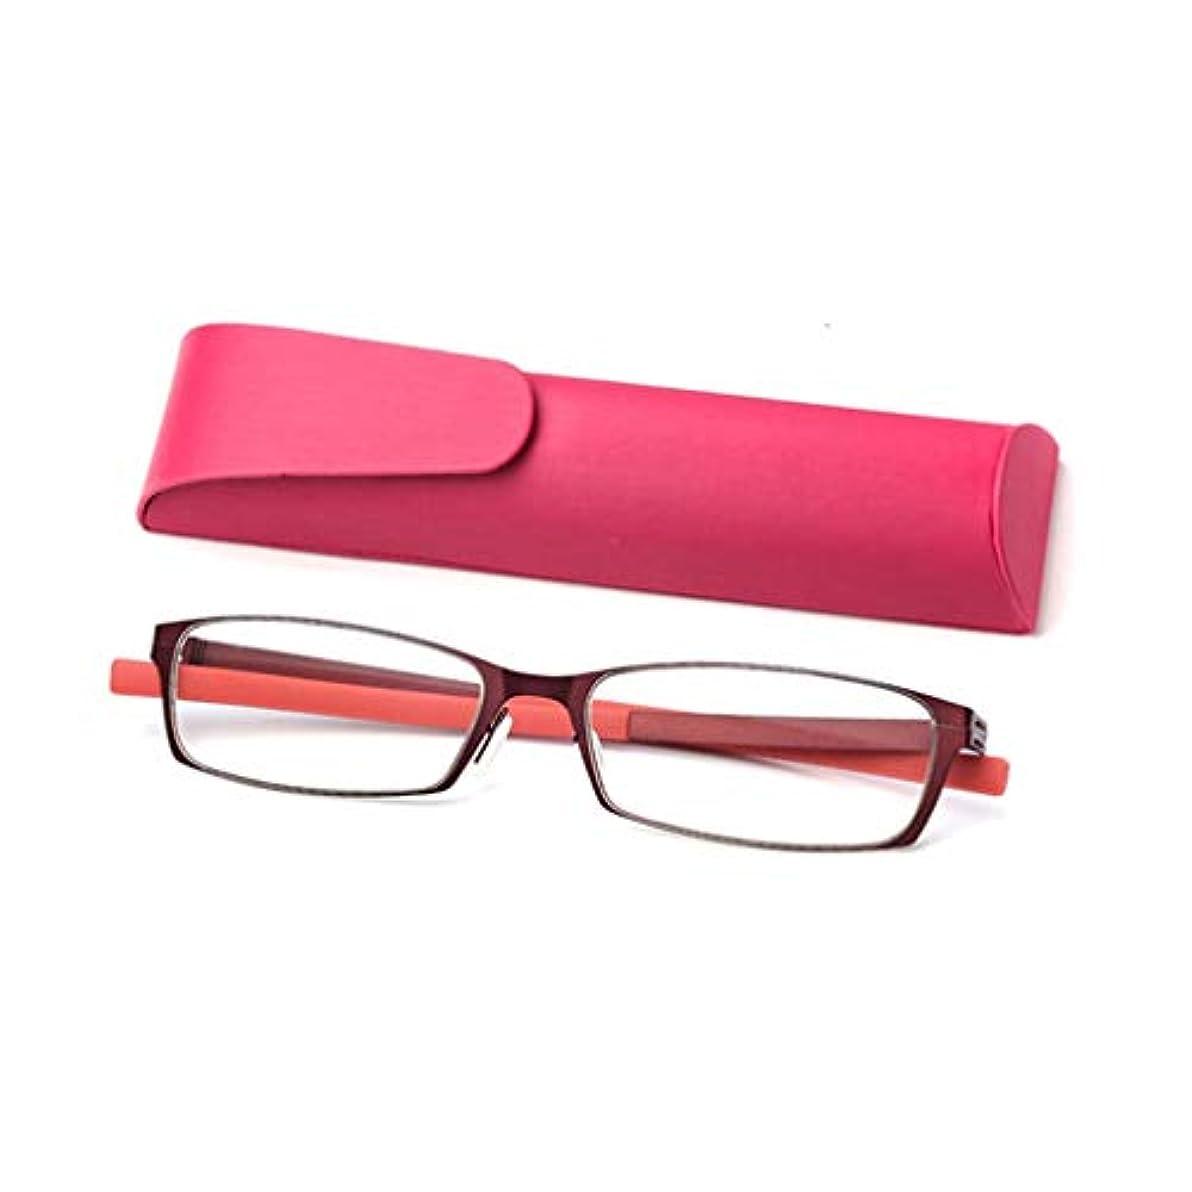 超軽量アンチブルーライト老眼鏡、ユニセックスメガネ、老人用老眼鏡、4色(+ 1.0、+ 1.5、+ 2.0、+ 2.5、+ 3.0、+ 3.5)